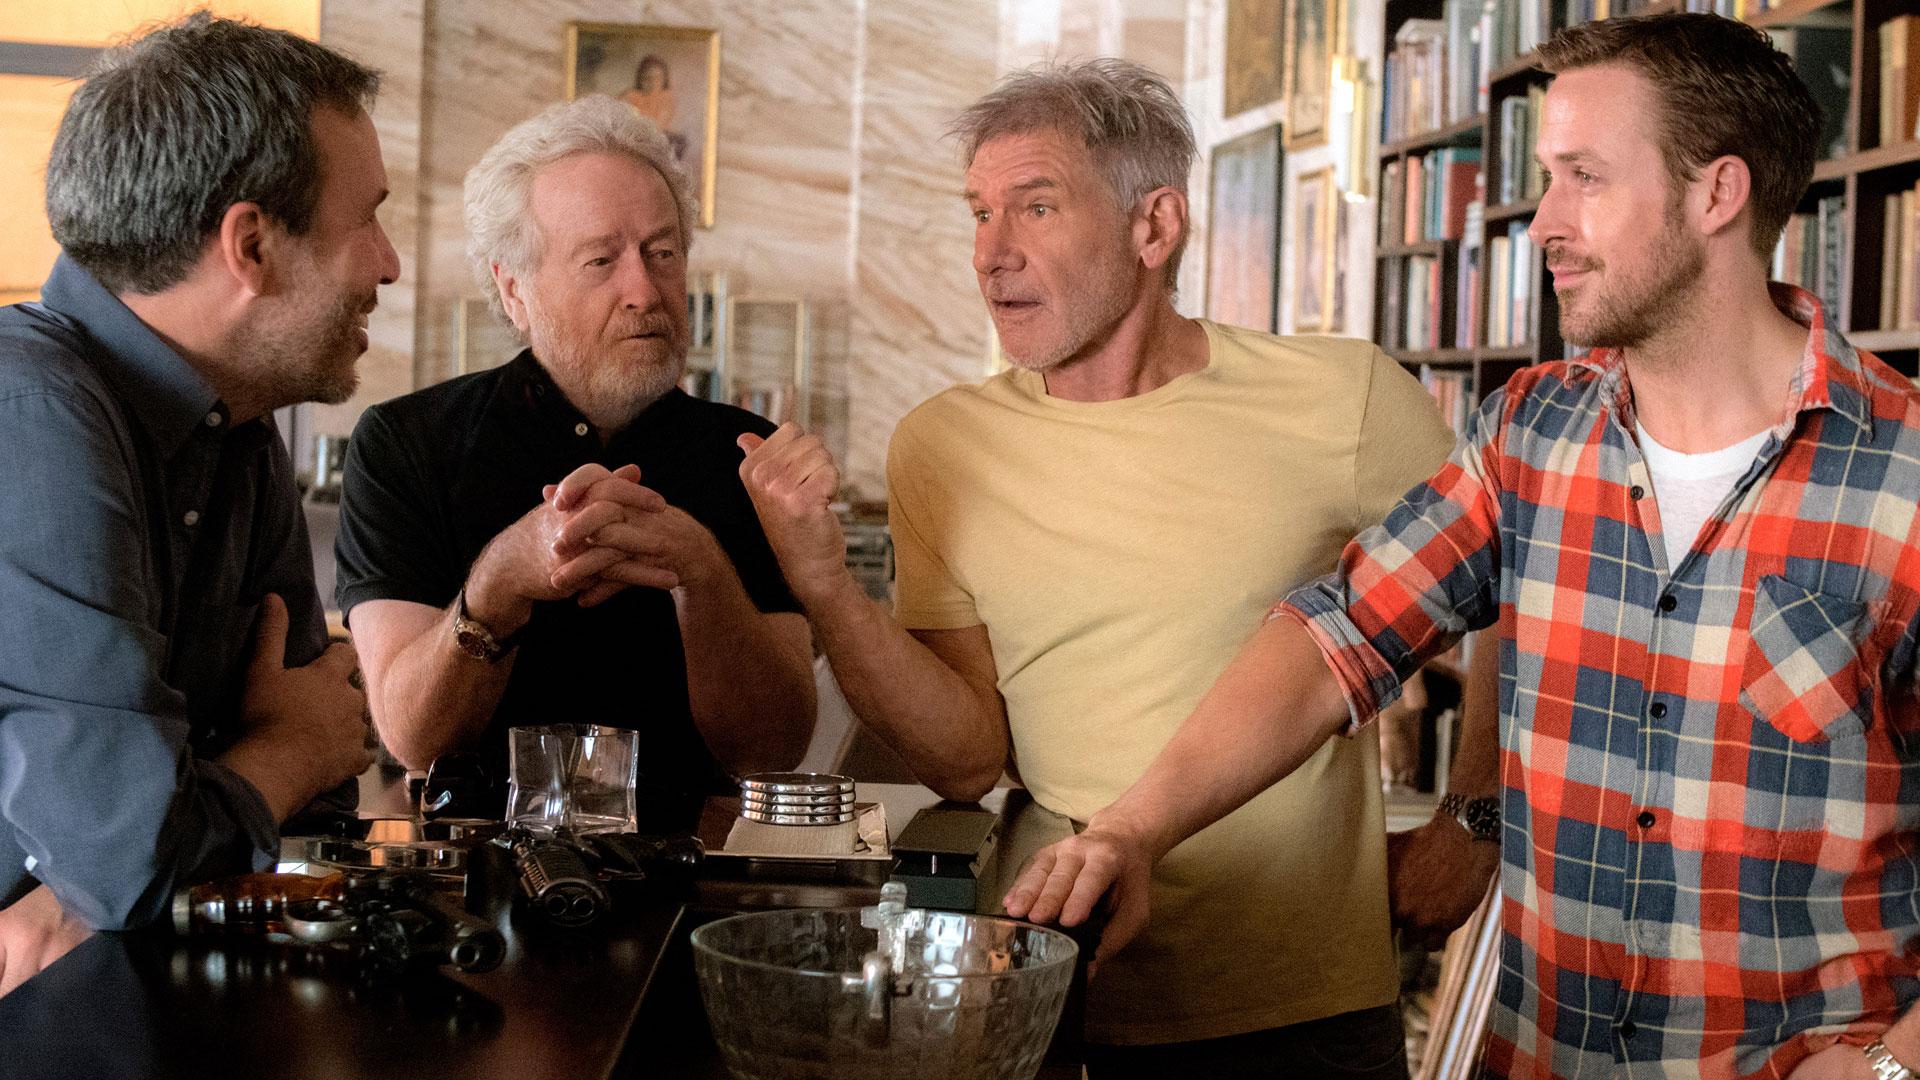 Filmskaper og skuespillere i hyggelig passiar i forbindelse med innspillingen av Blade Runner 2049. (Foto: United International Pictures)